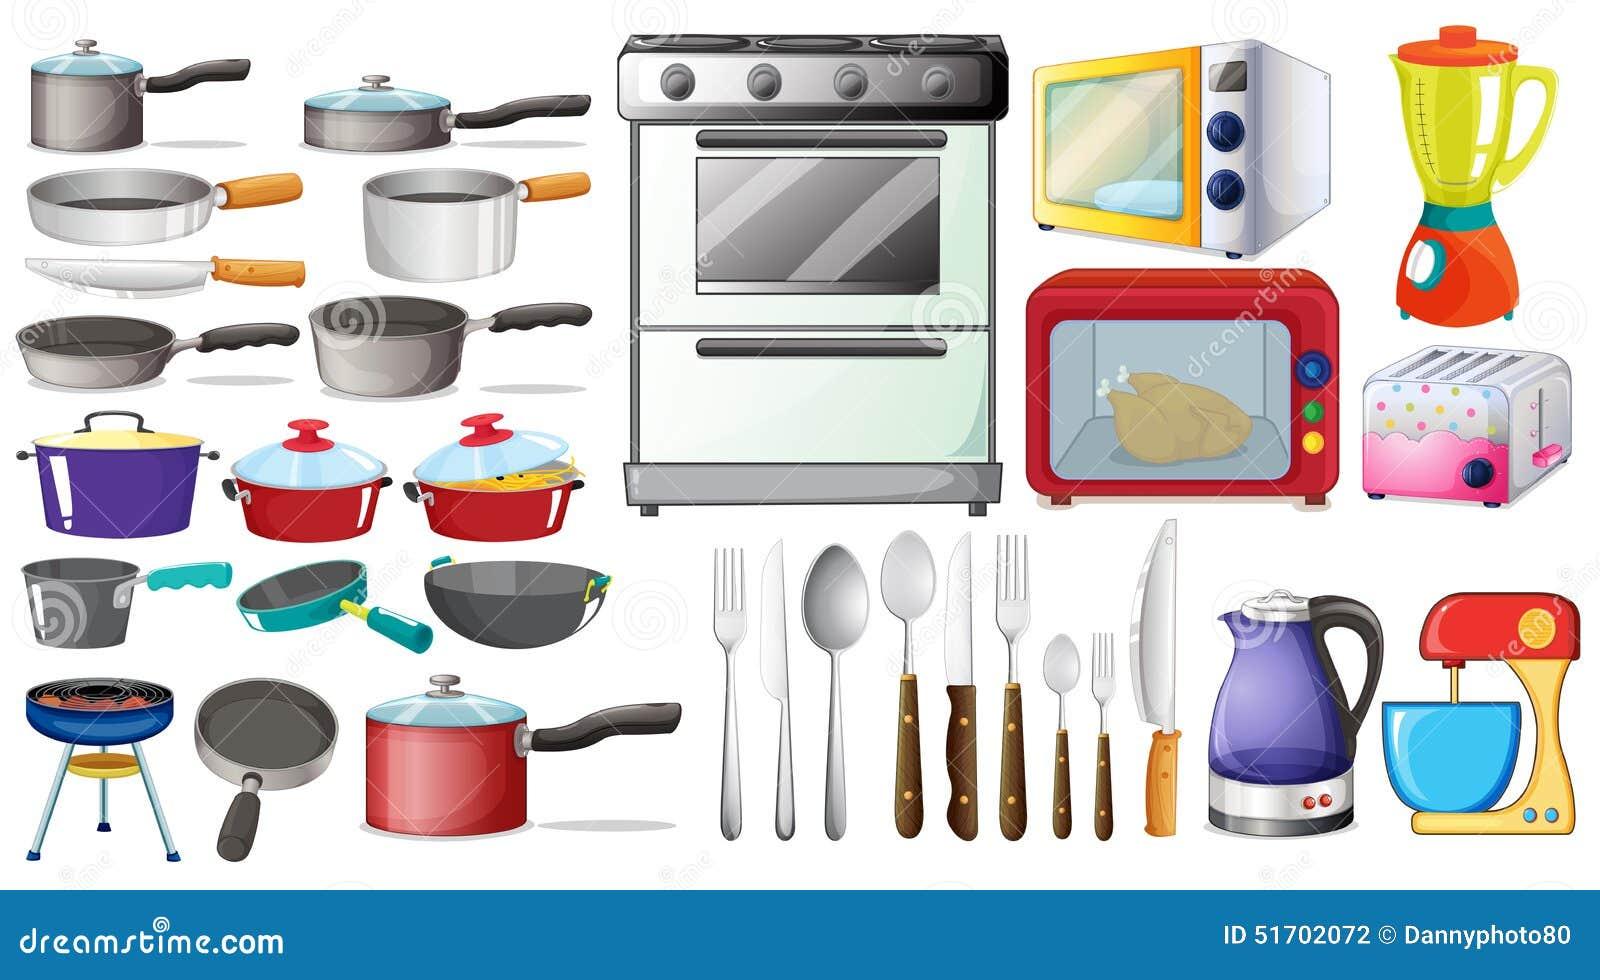 objets de cuisine illustration de vecteur illustration du couteau 51702072. Black Bedroom Furniture Sets. Home Design Ideas